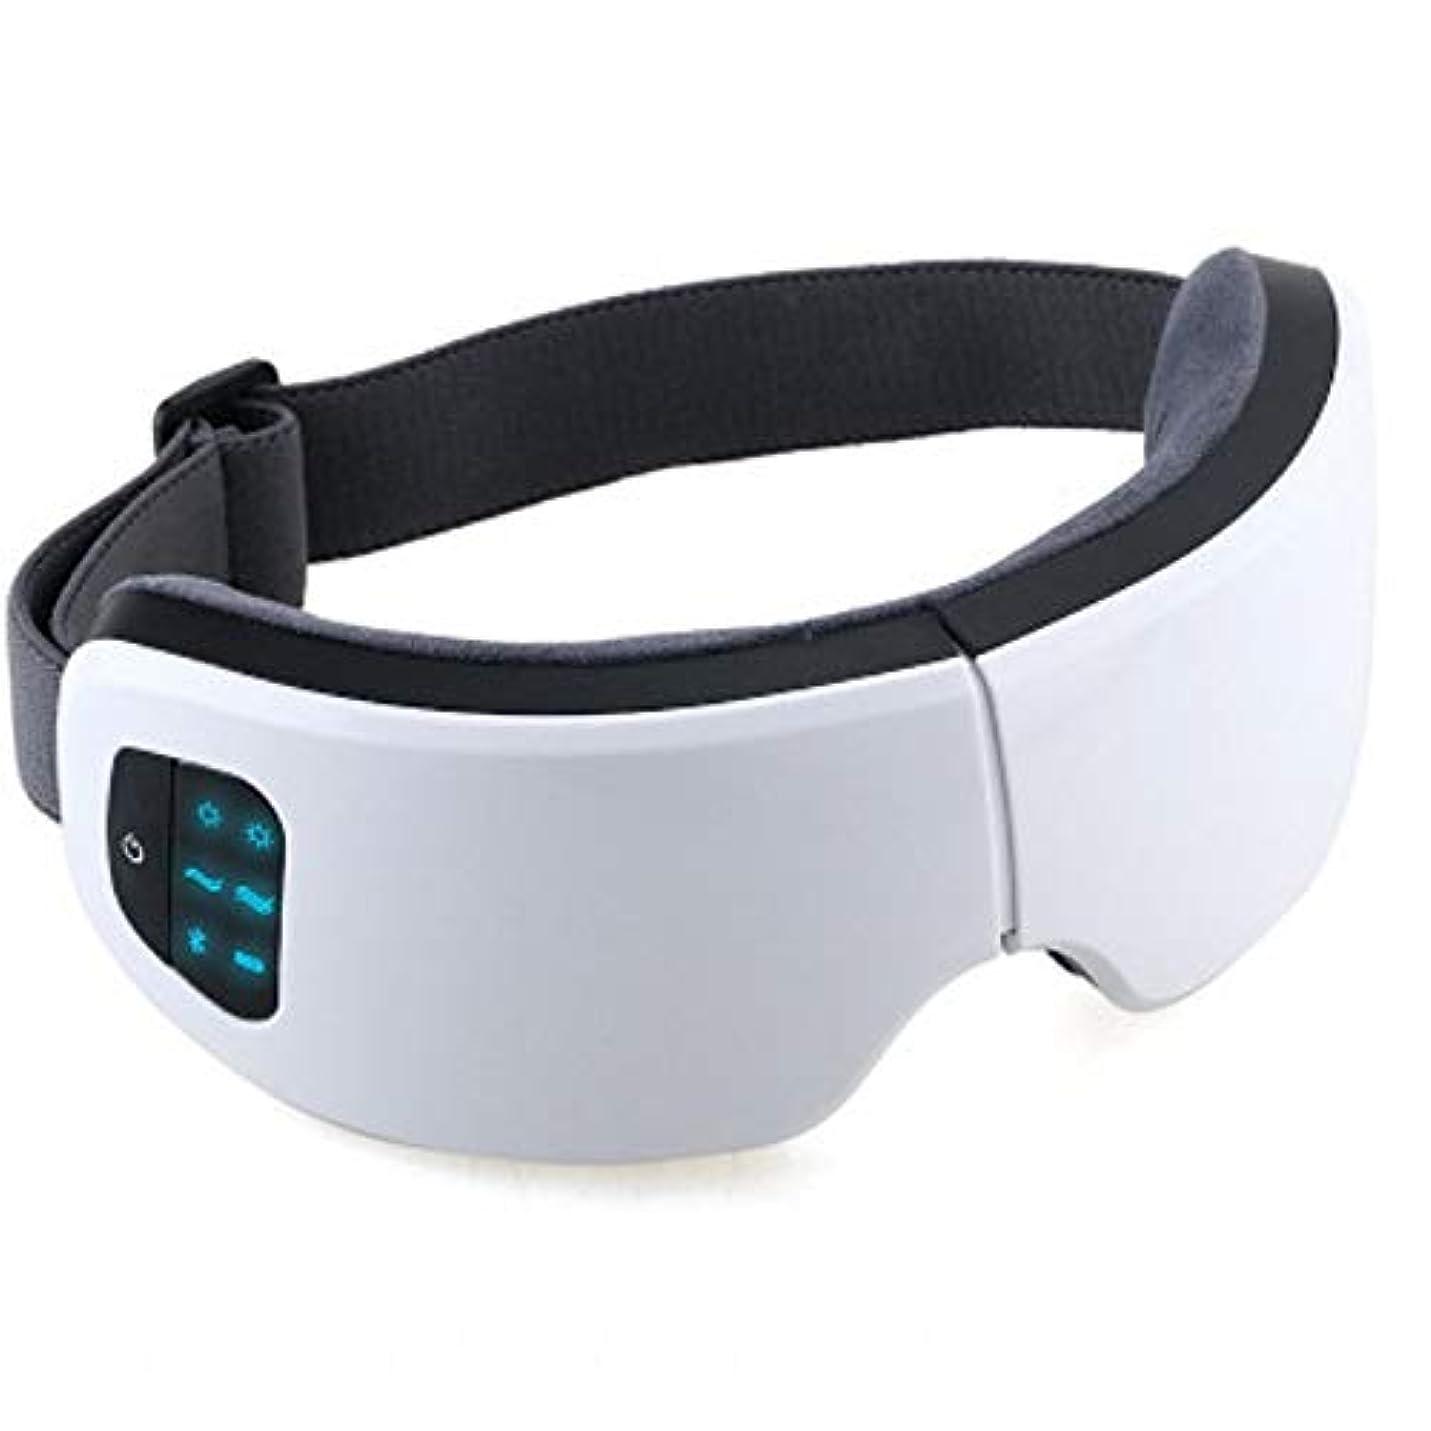 つかまえる告白確認Meet now 高度の目のマッサージャー、暖房モードの無線再充電可能な折る目のマッサージャー 品質保証